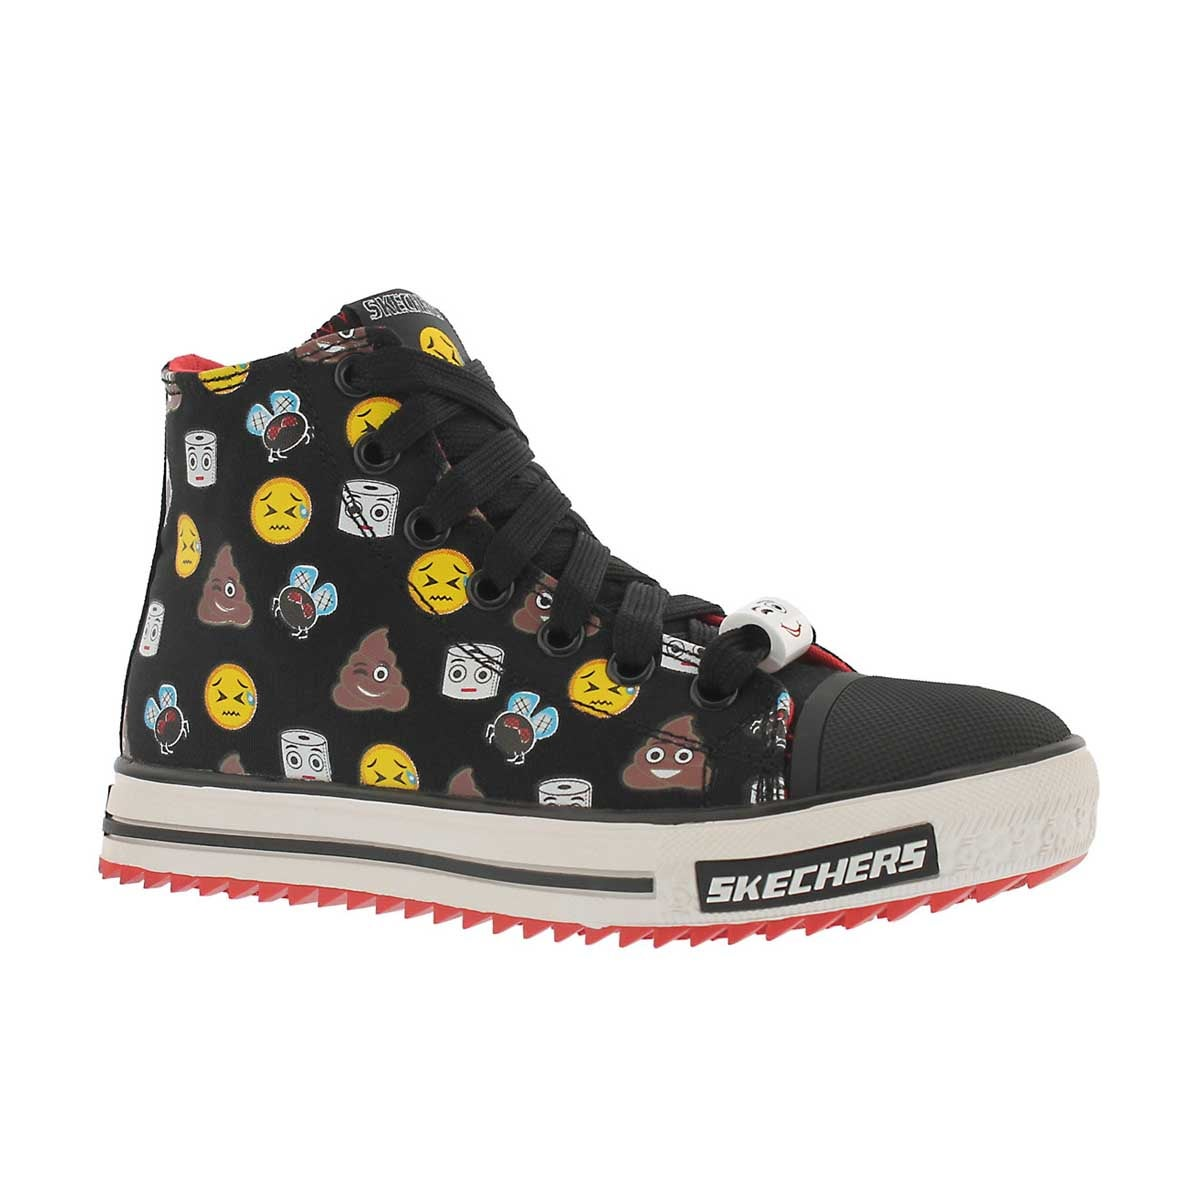 Boys' JAGGED black emoji high top sneakers